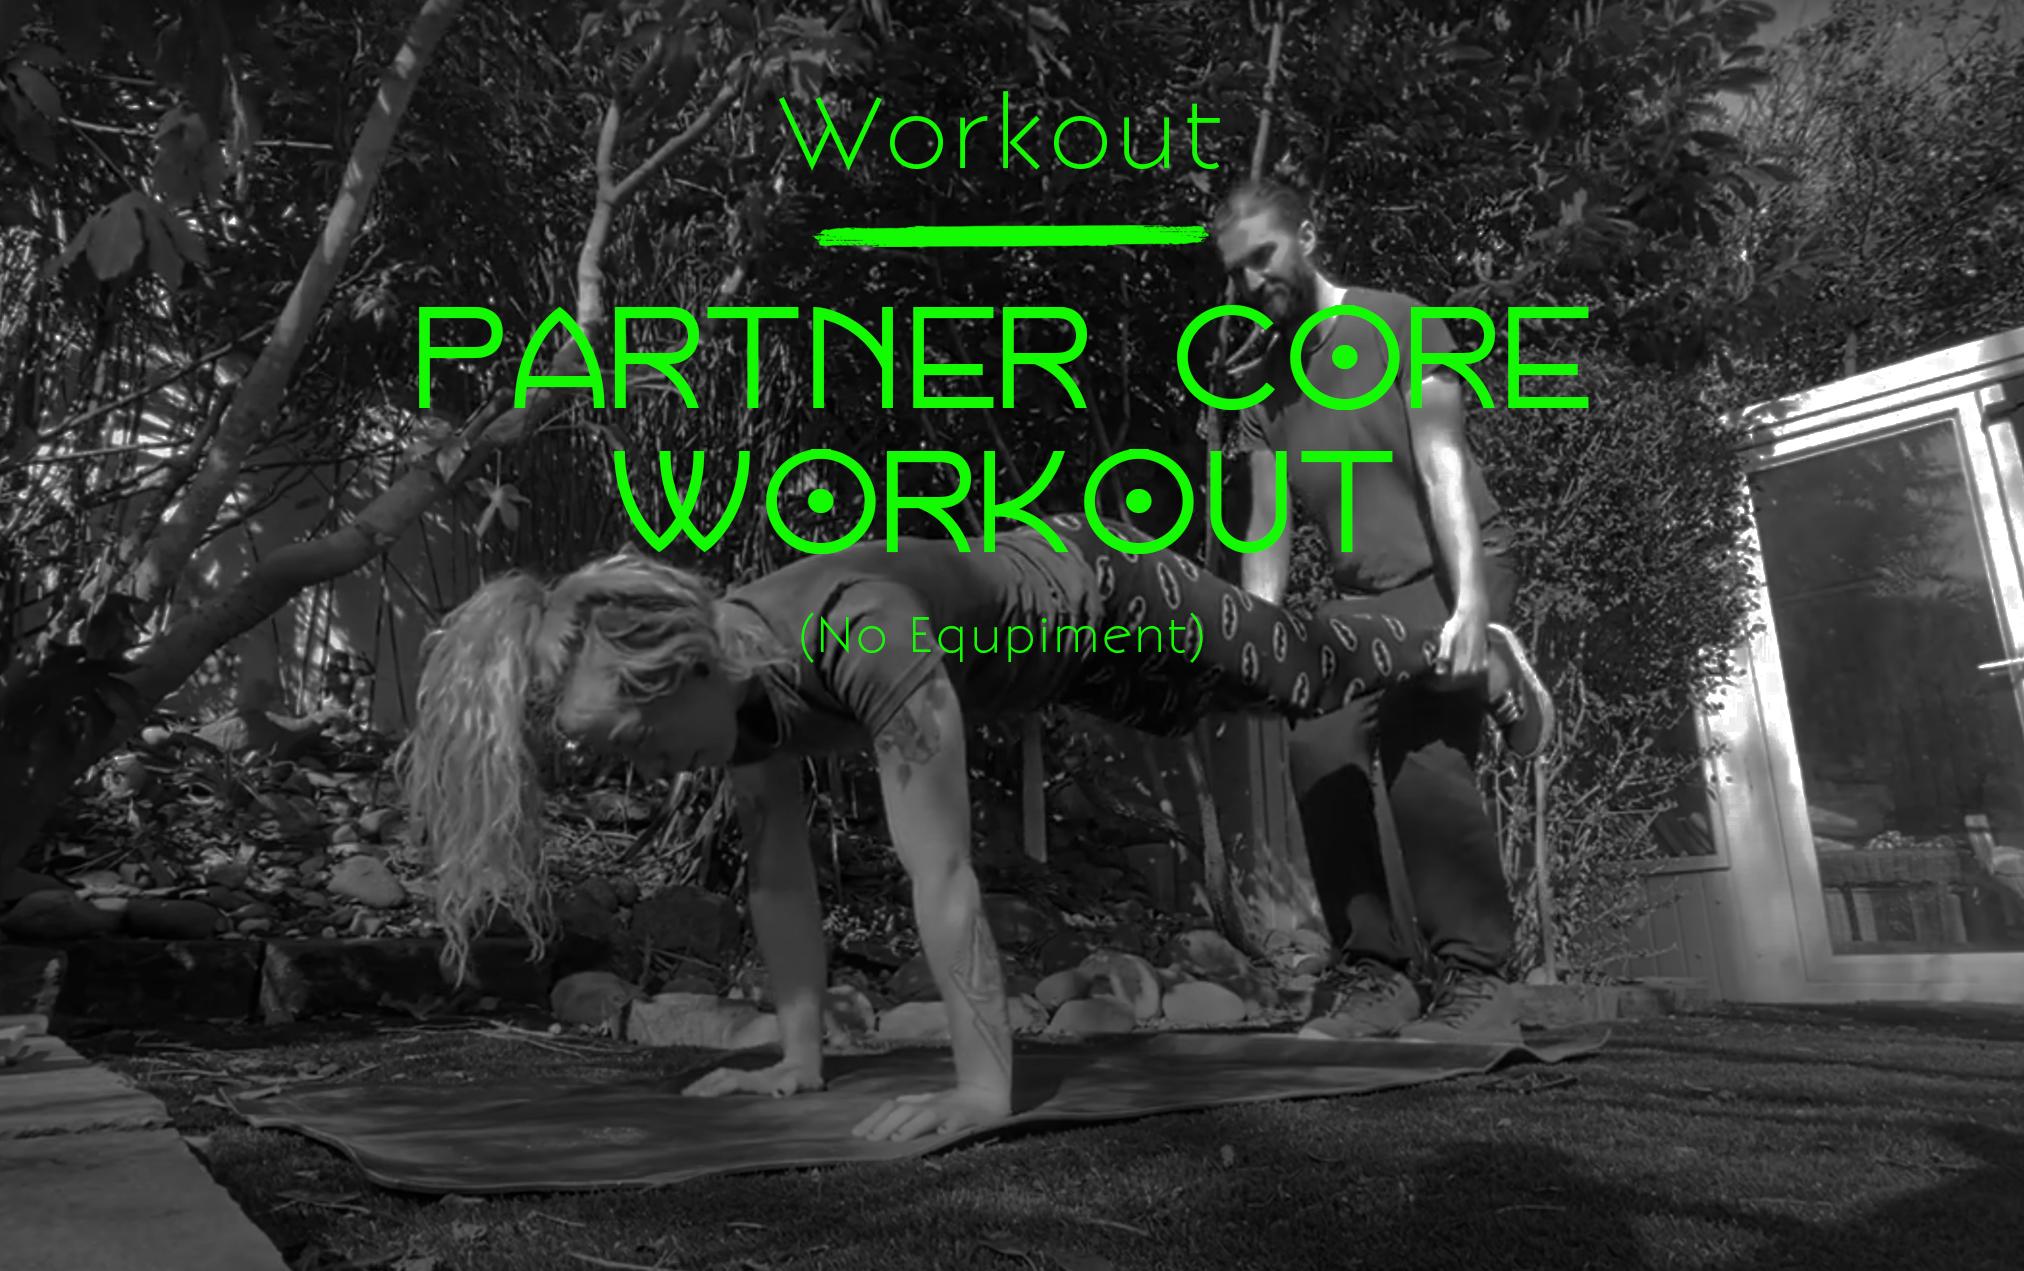 Partner Core Workout